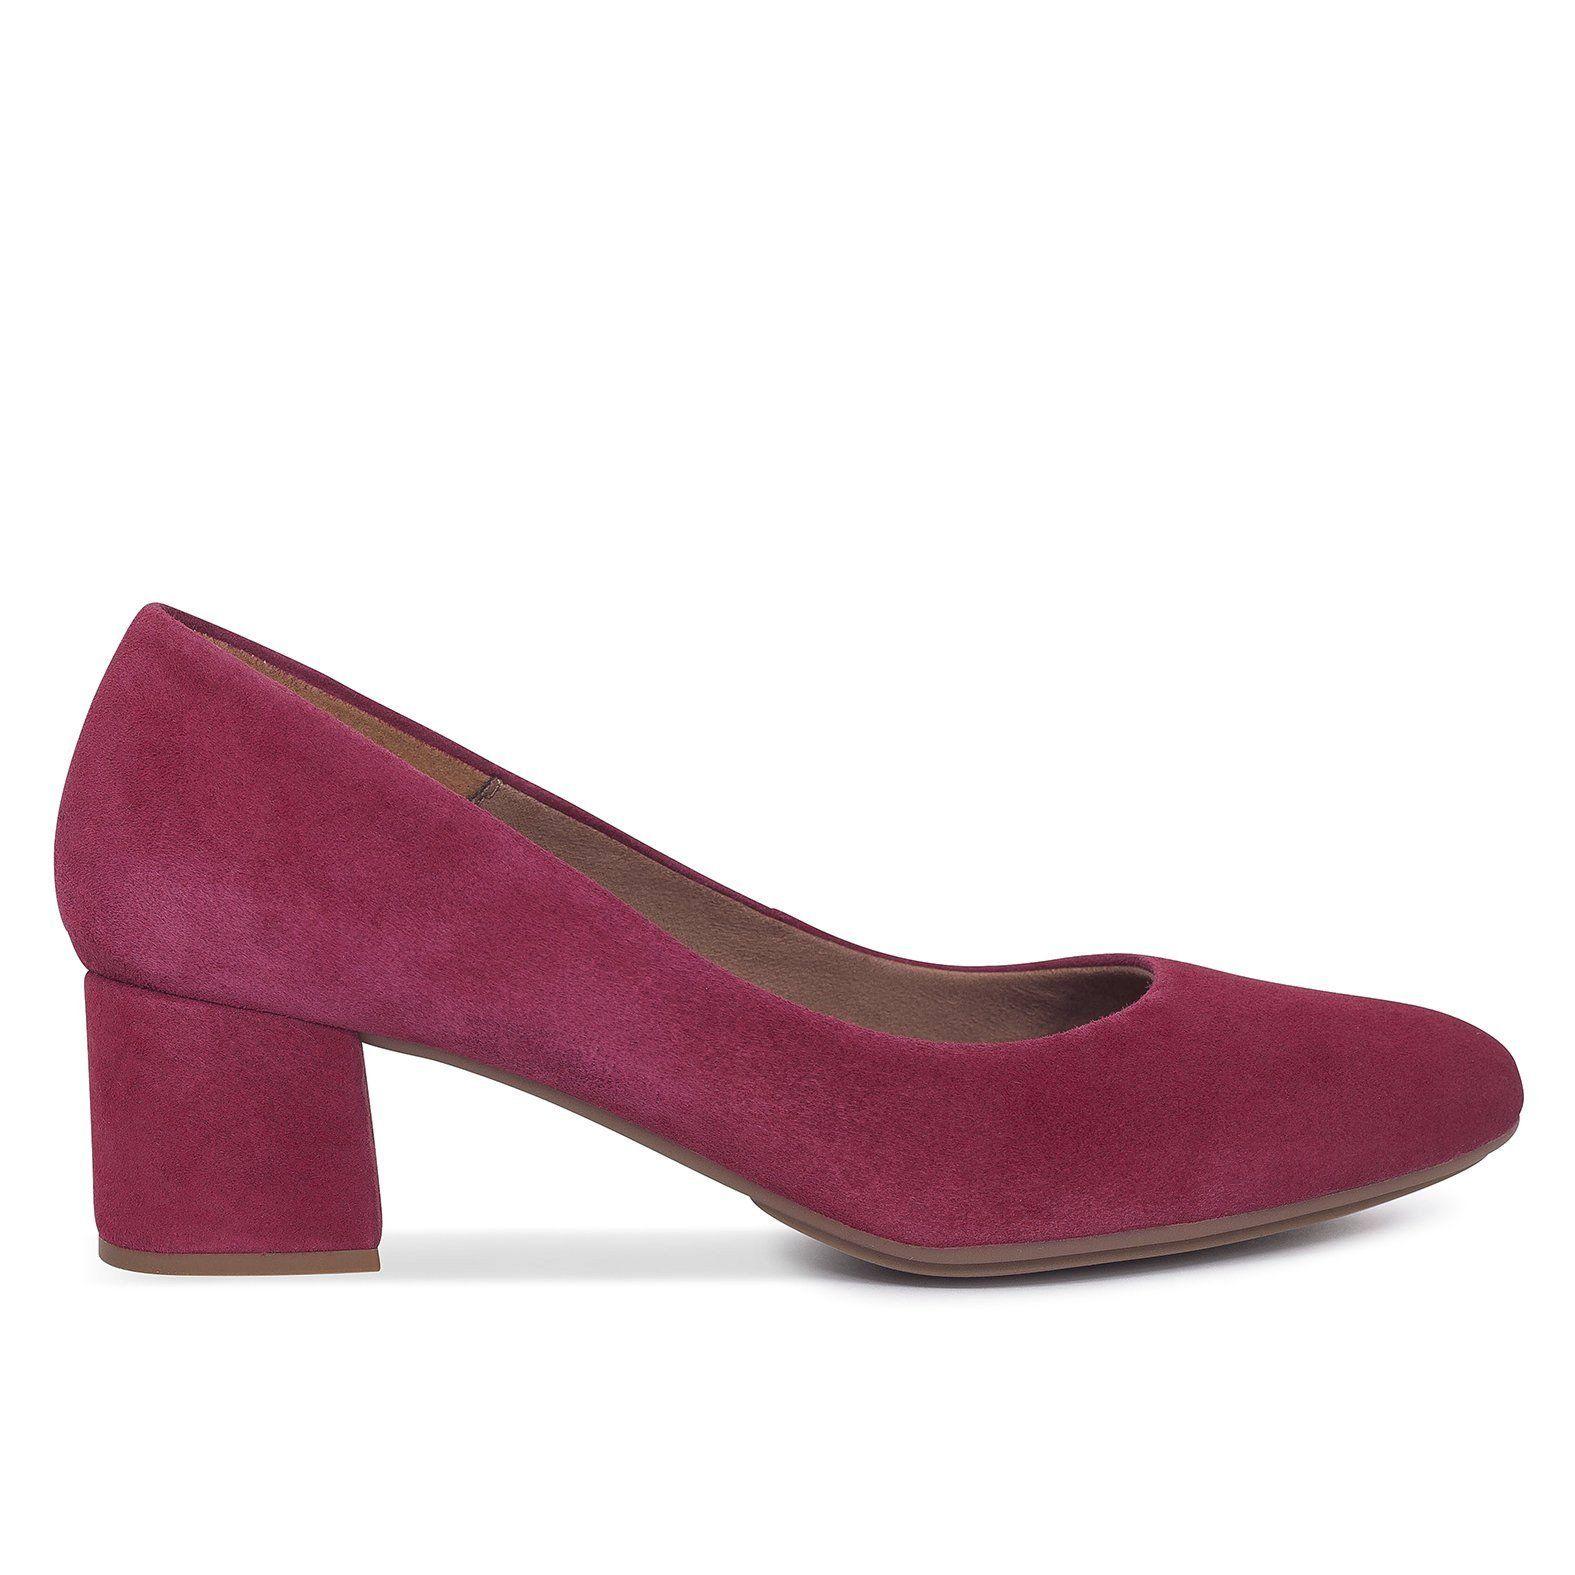 ajuste clásico 4131d 7ce6d URBAN REDONDO - Zapato de tacón bajo ROJOS CEREZA   Zapatos ...